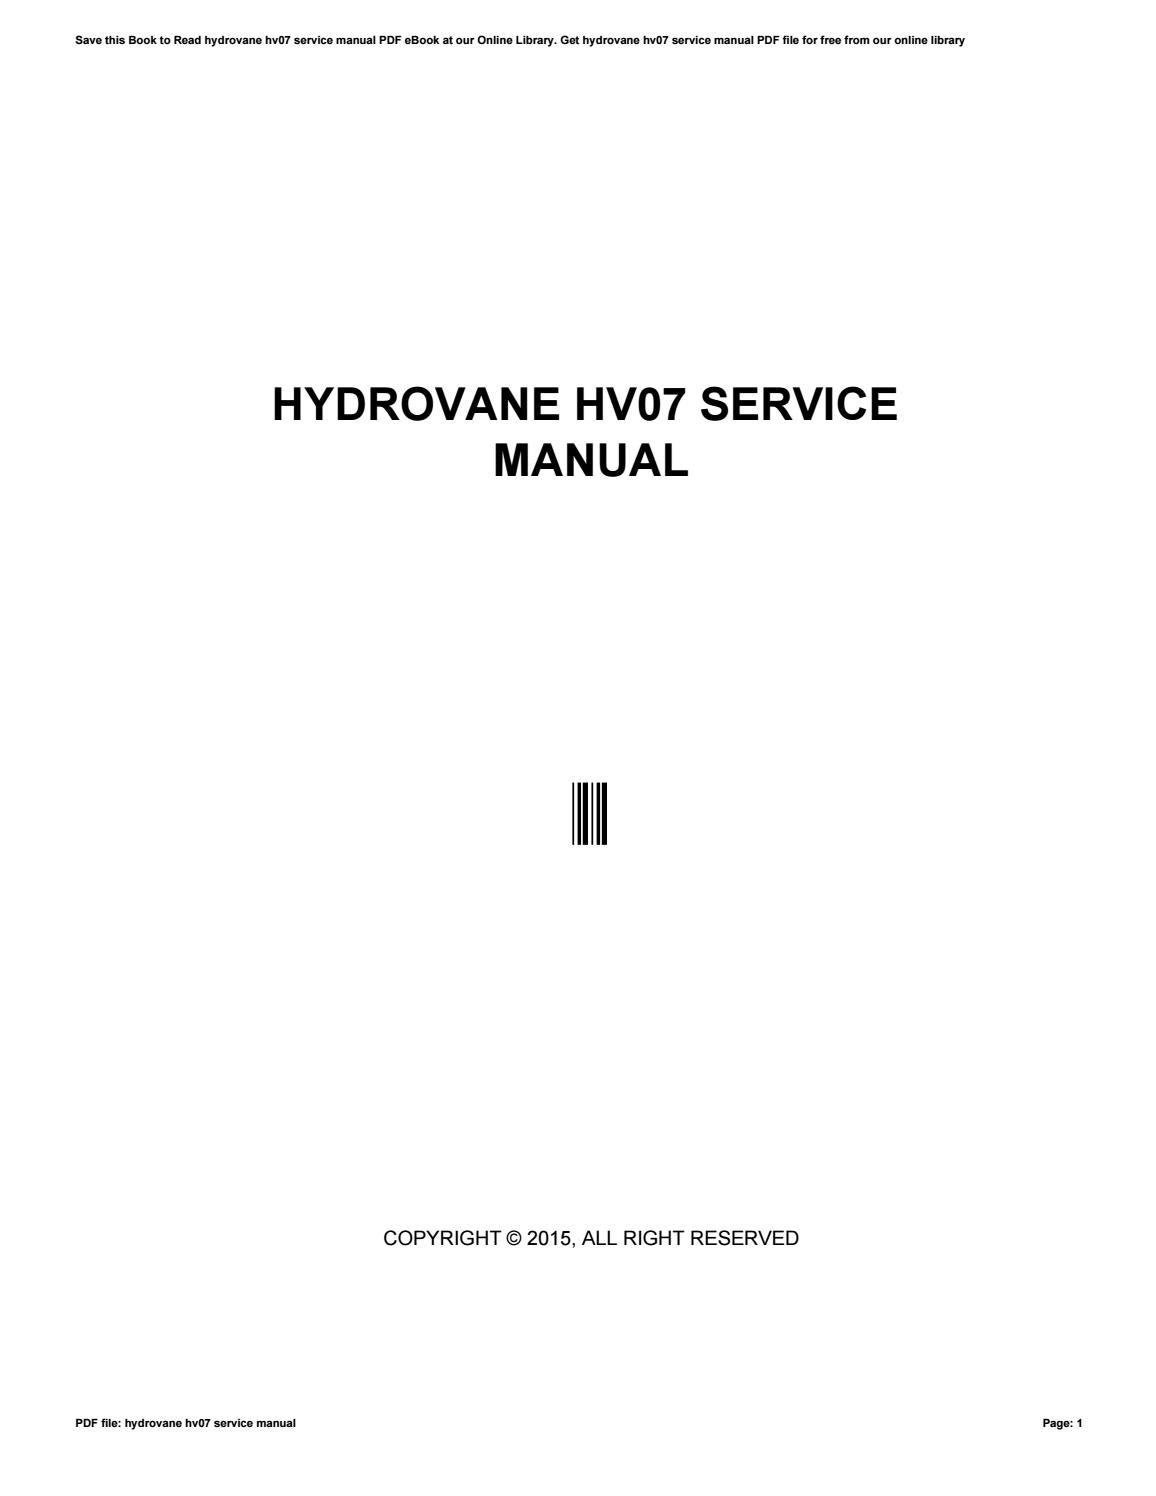 Hydrovane hv07-service-manual.